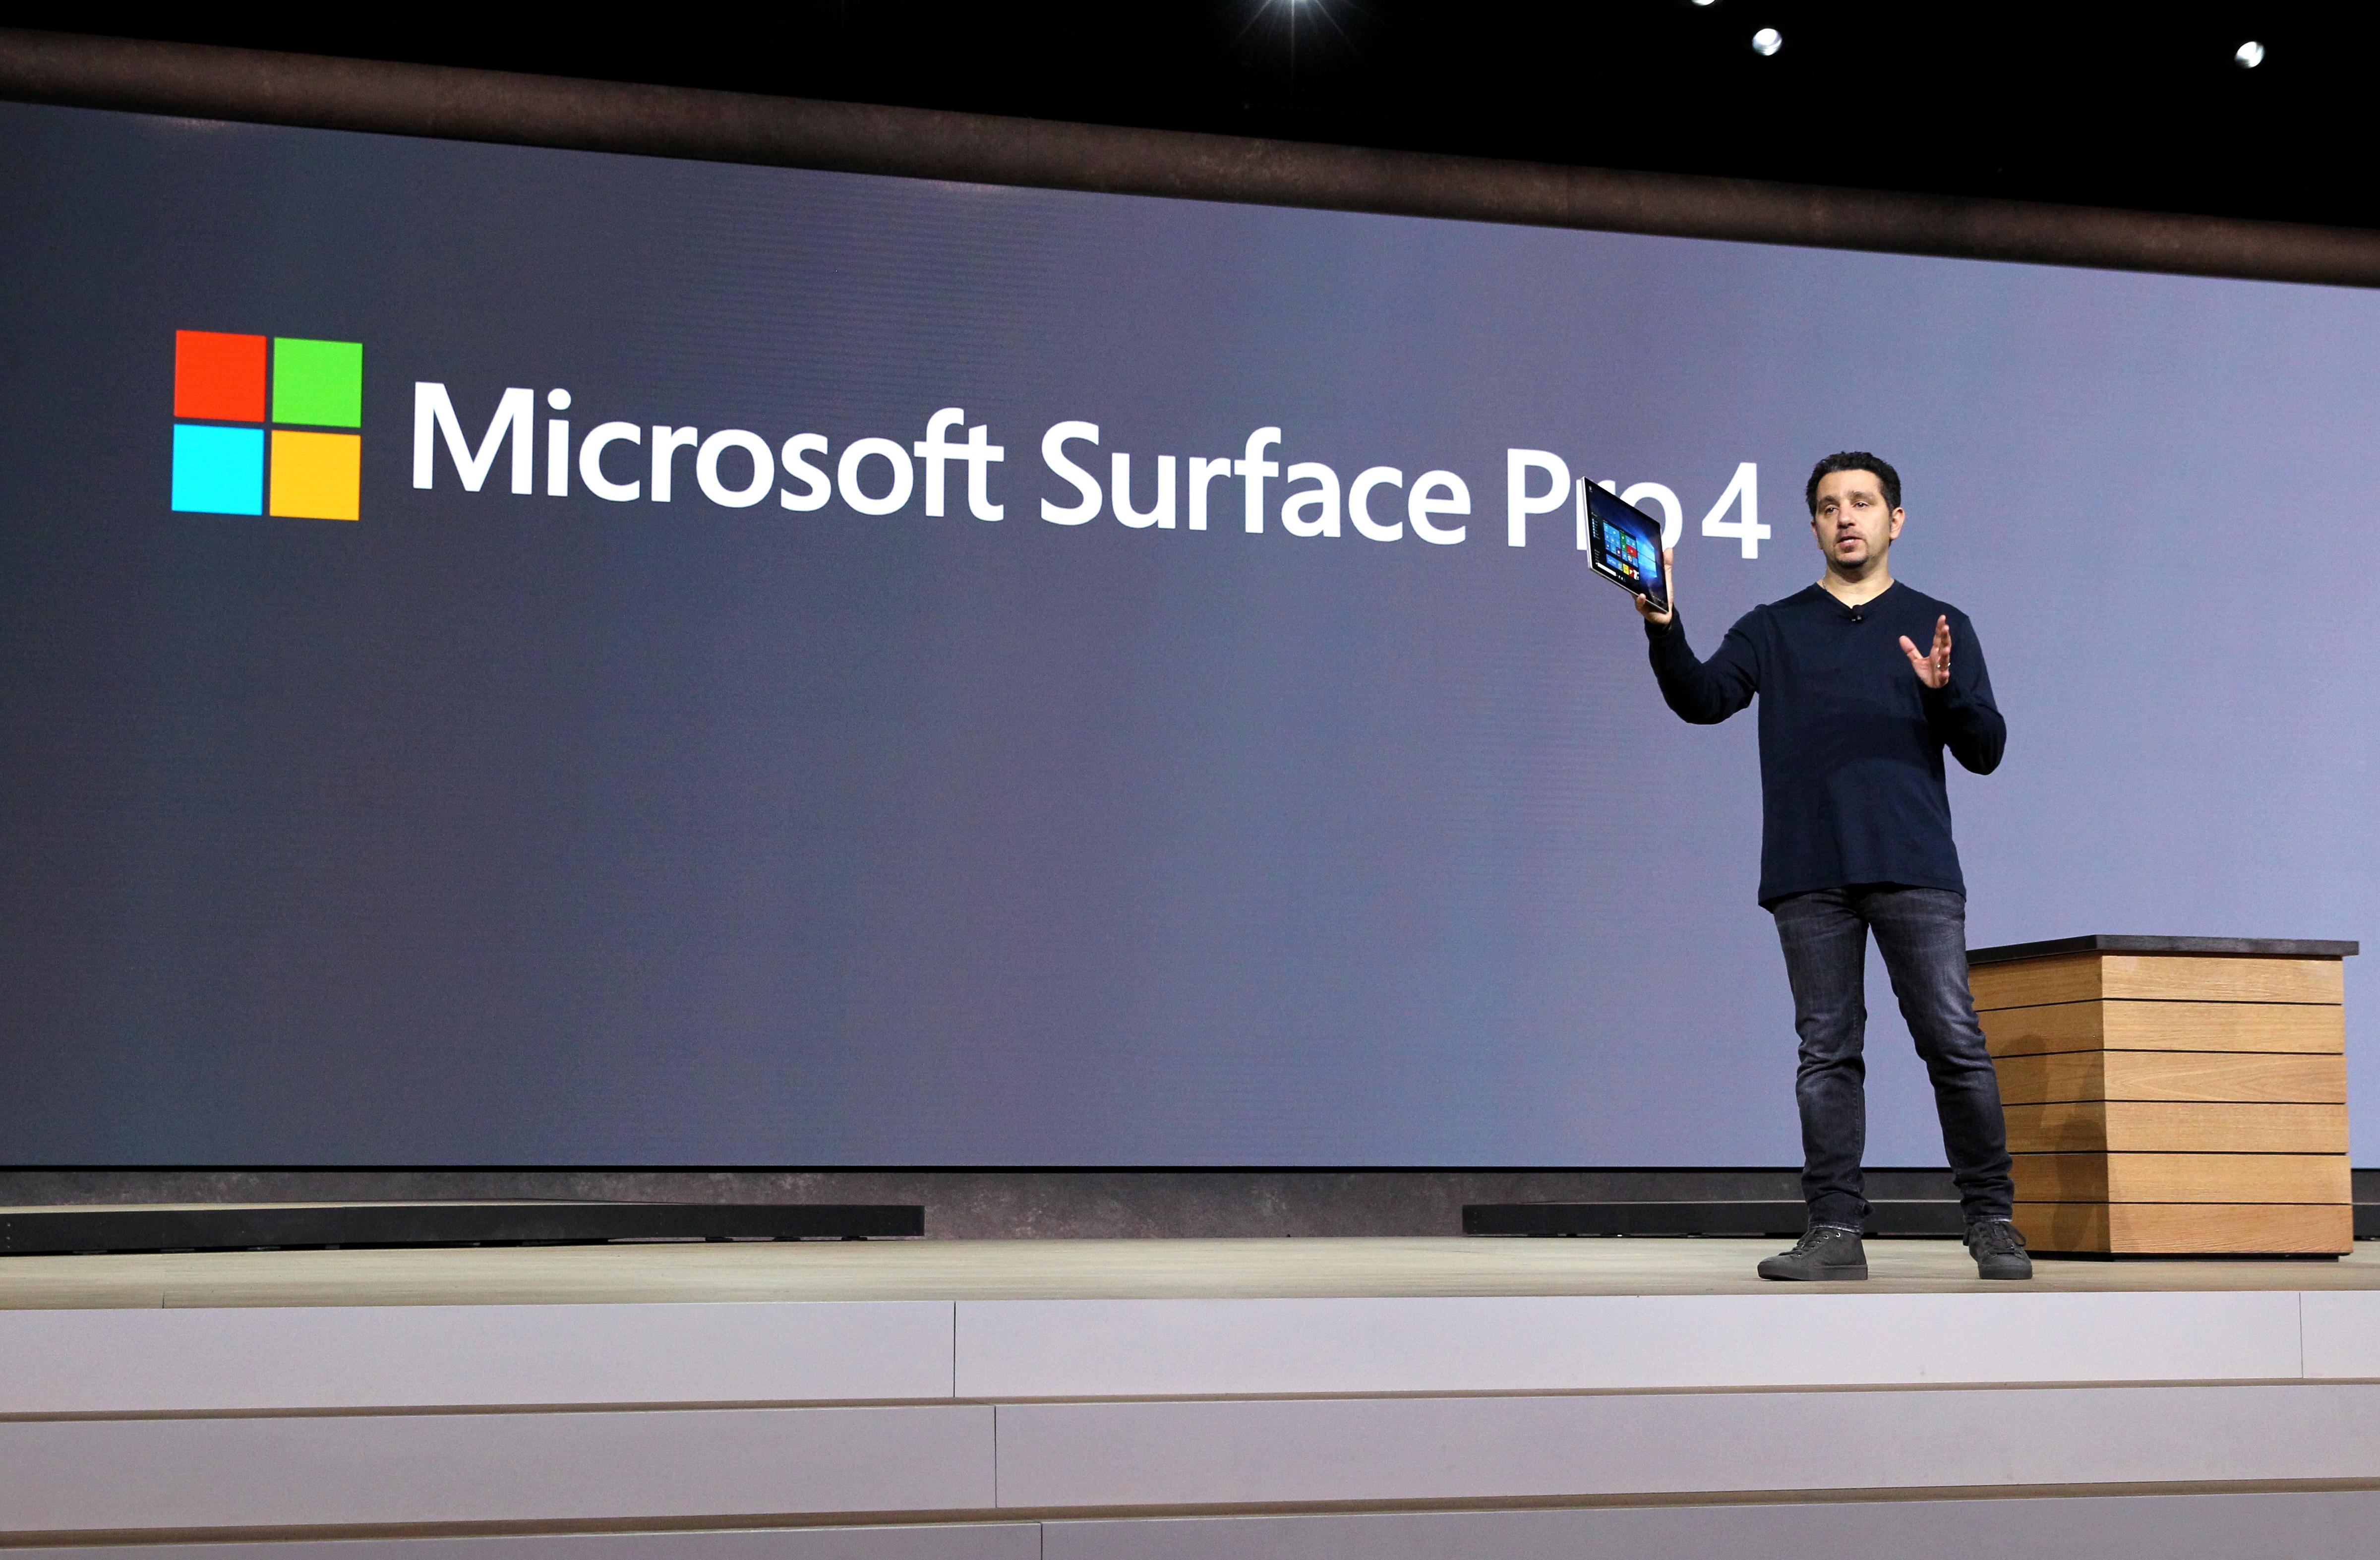 Los siguientes equipos con Windows 10 podrían esperar hasta 2017